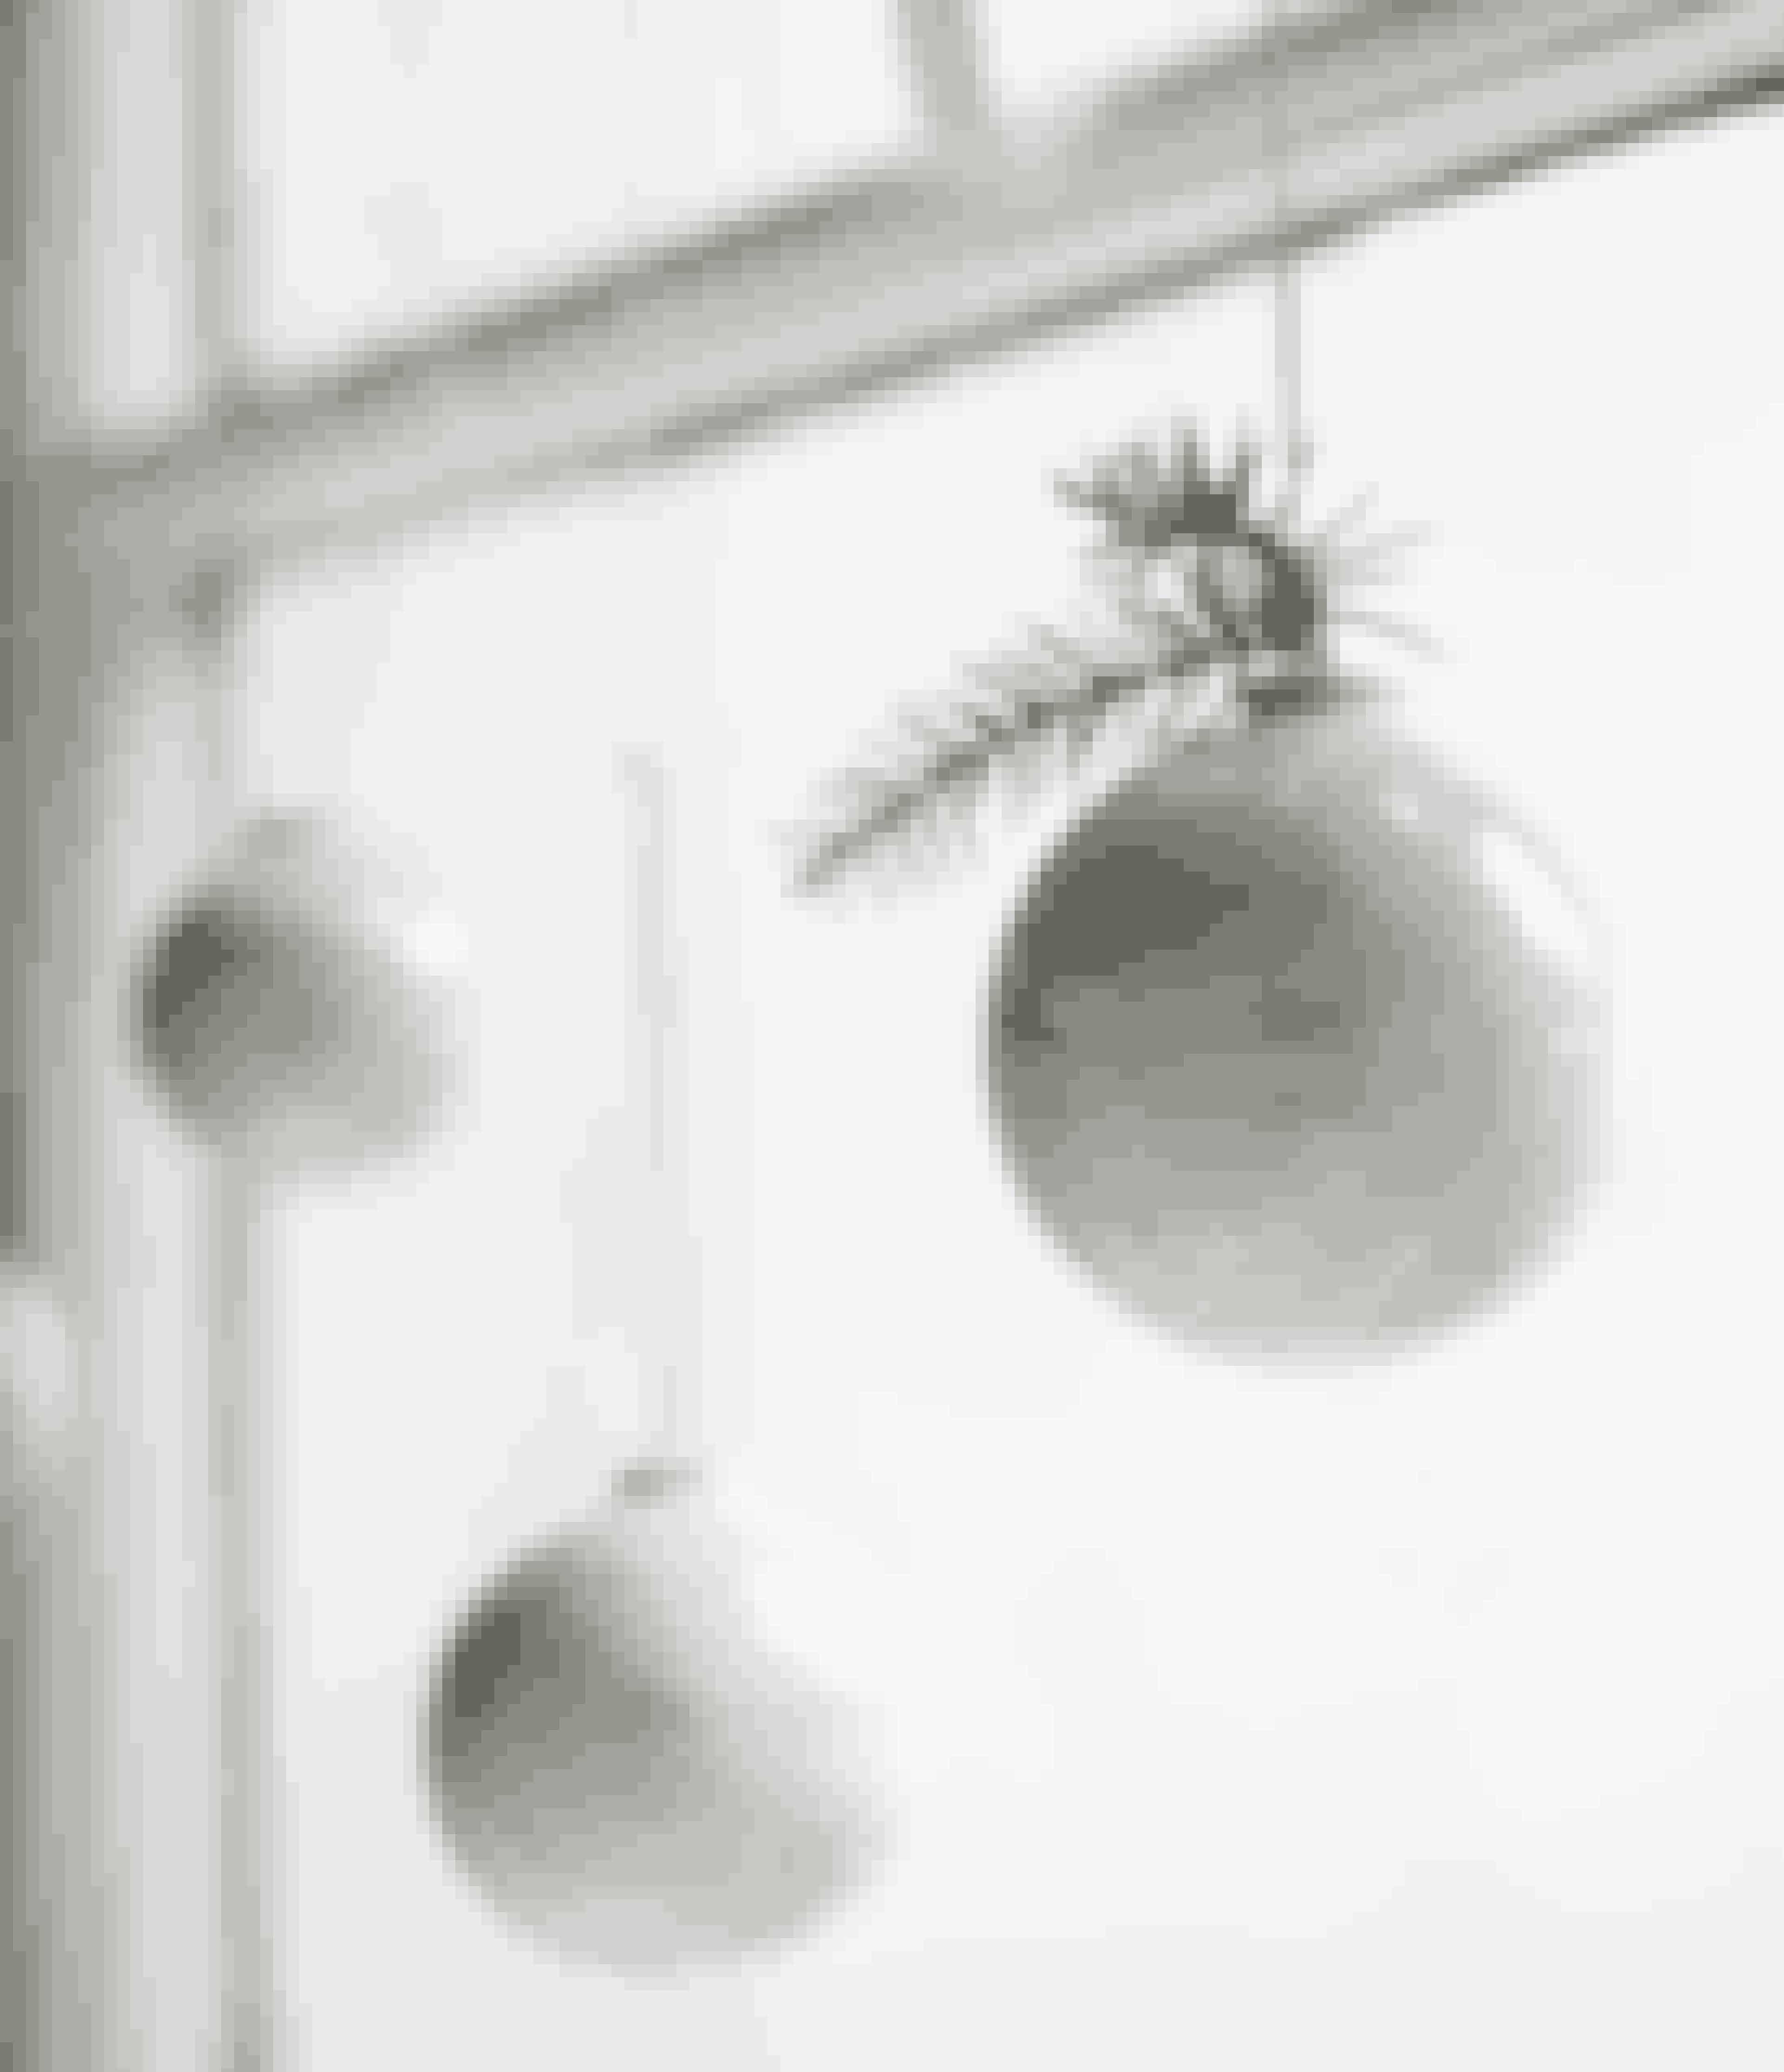 Er du også vild med Omaggio-serien fra Kähler, er disse julekugler med perlemorsstriber et musthave. De små skinnende kugler vil ligne fine snefnug på dit juletræ, når lyset reflekterer i perlemoren. Find dem her!